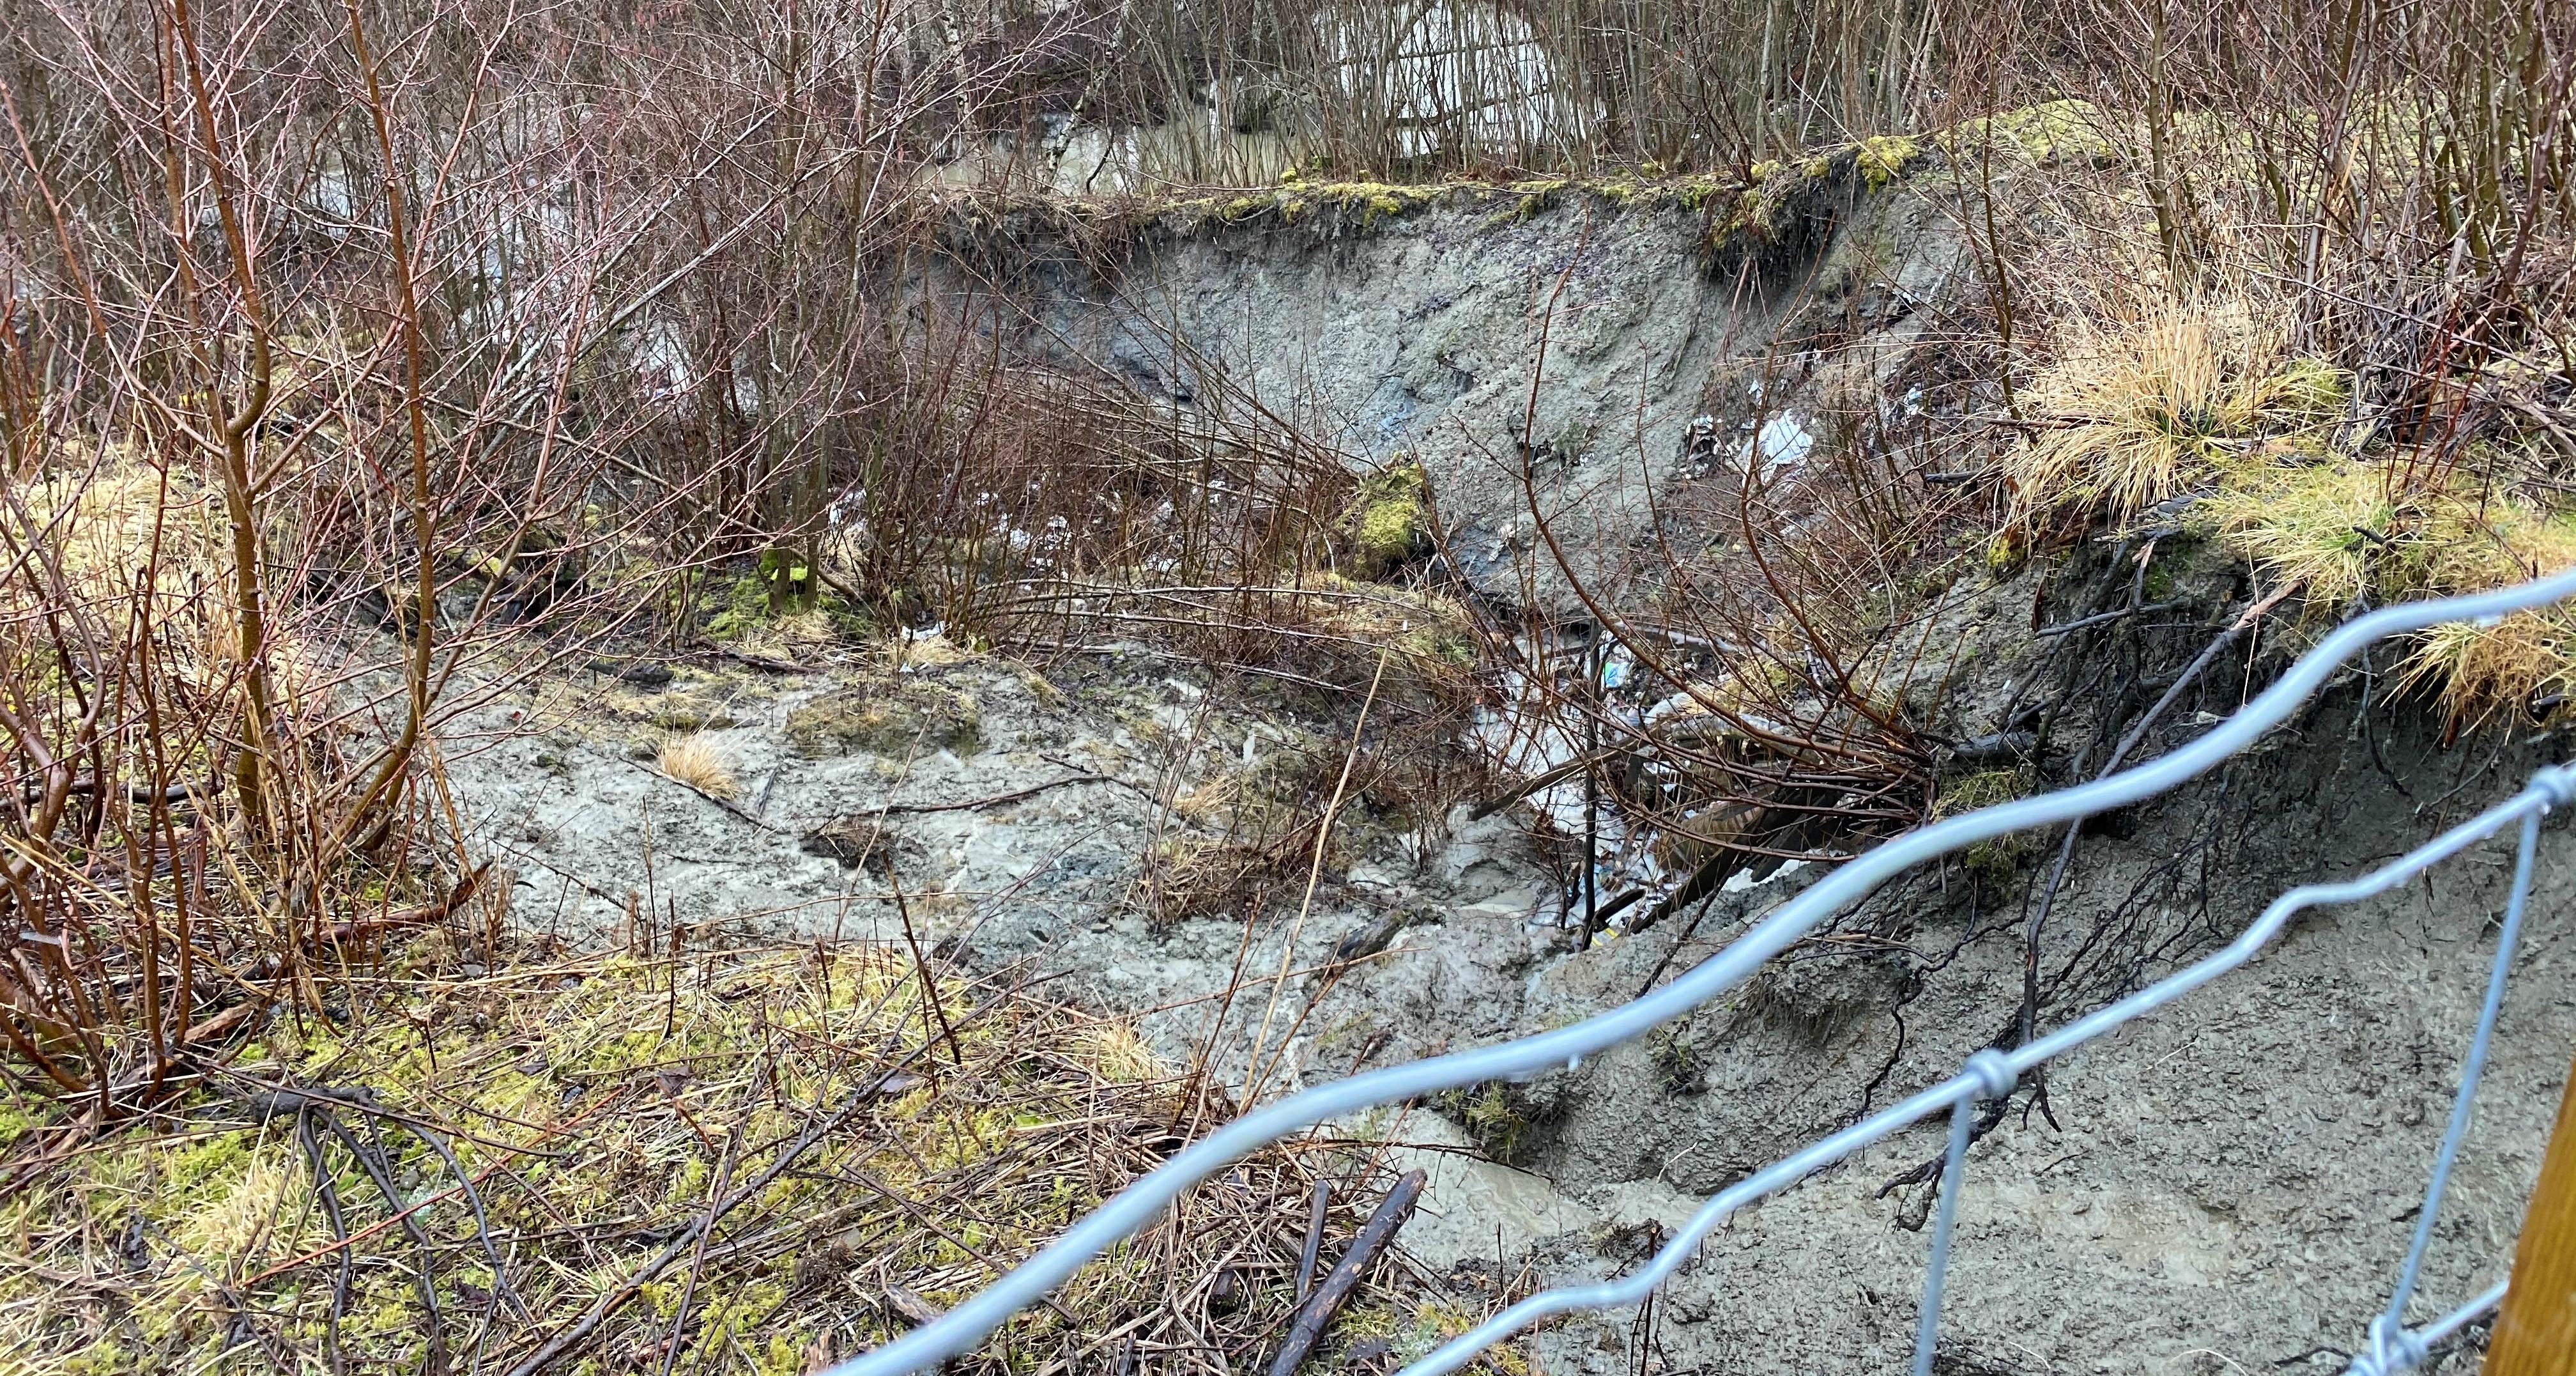 Sikrer forholdene på Skjenstad - Det blir gjort tiltak for å sikre at det ikke raser ut mer ved den gamle søppelfyllingen.jpg